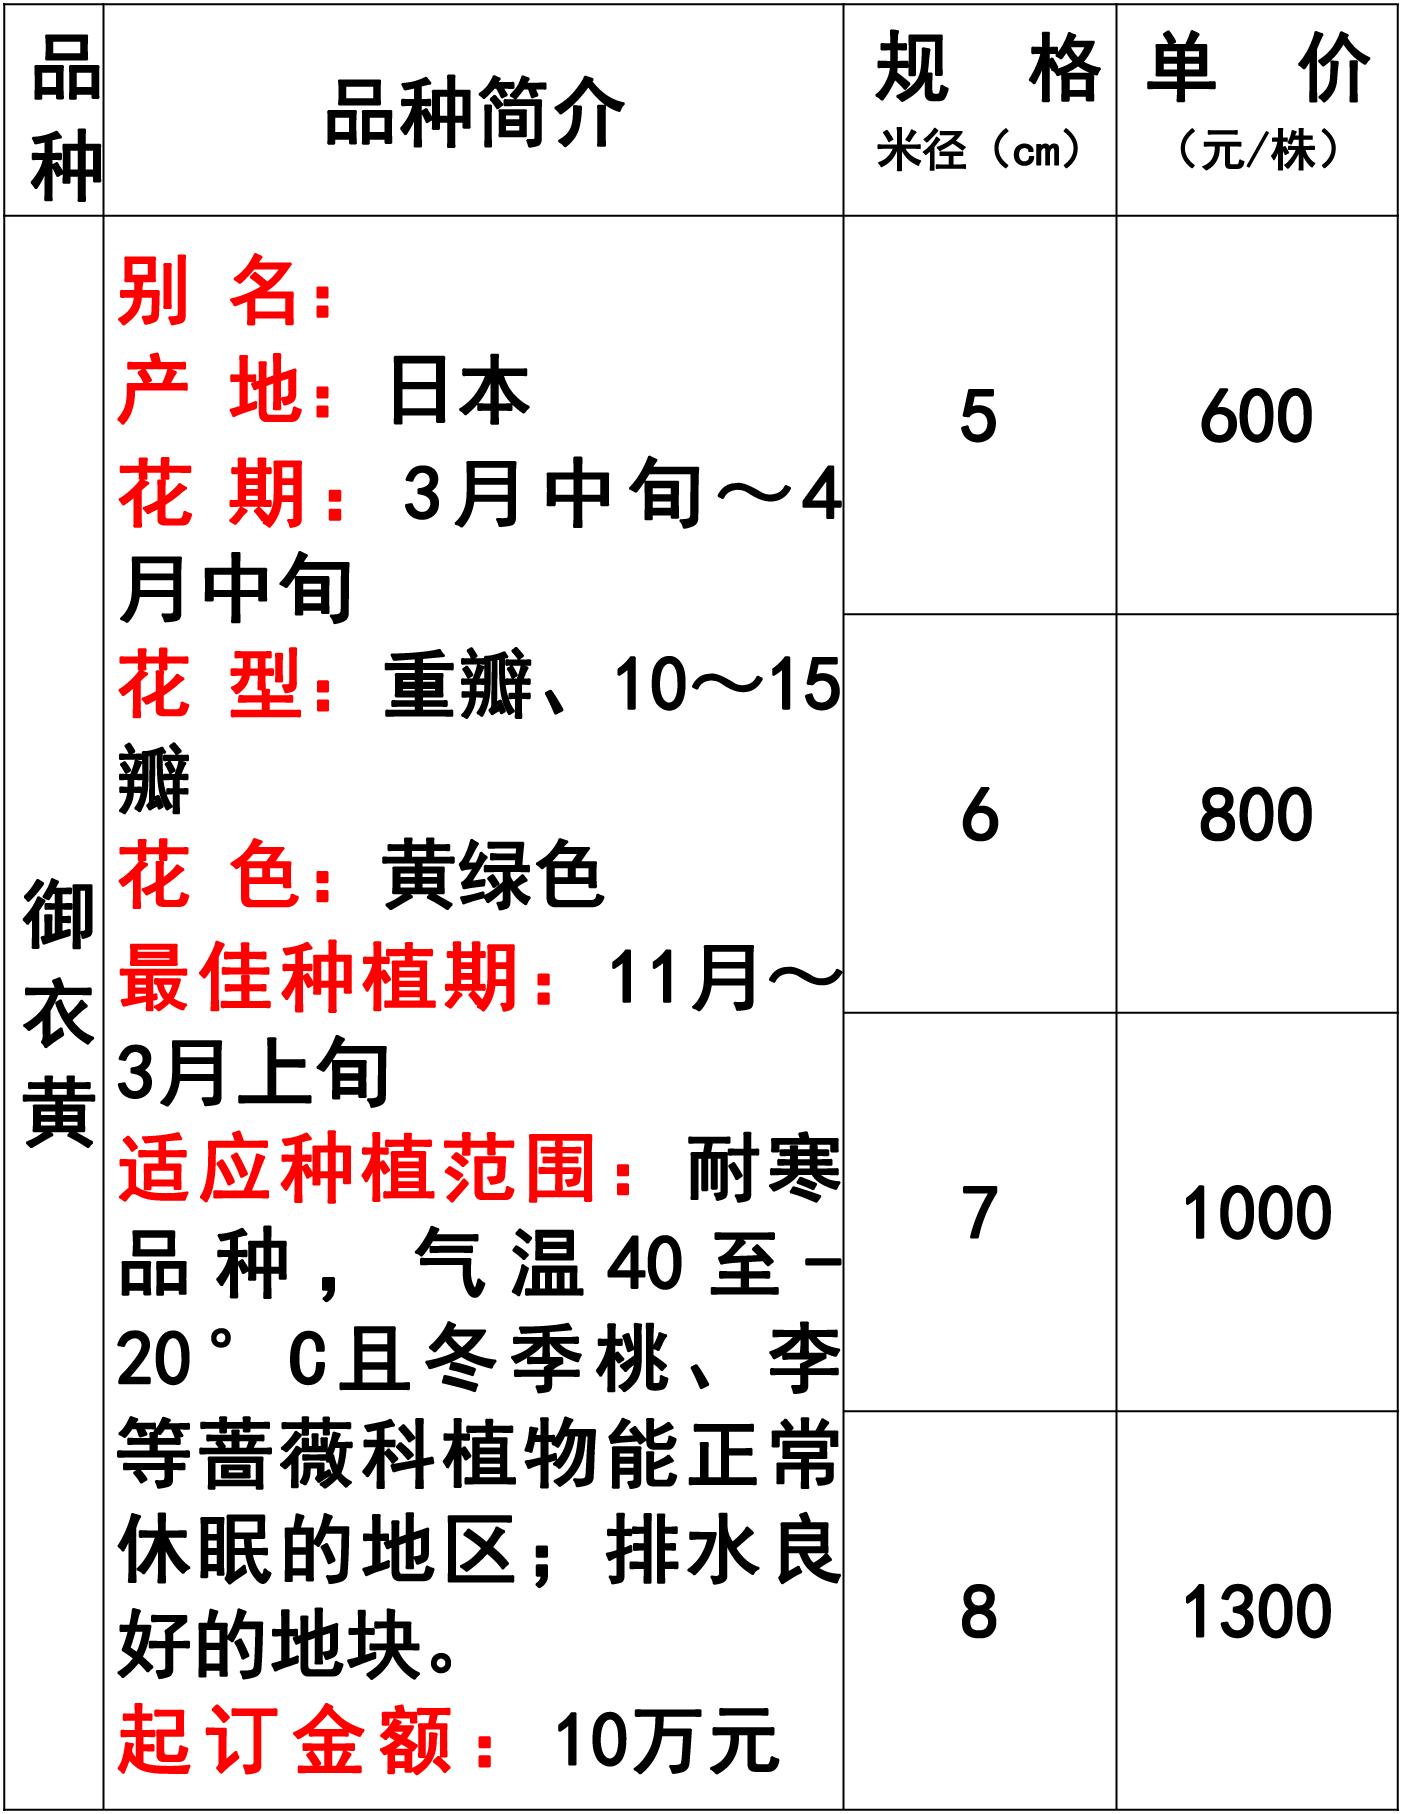 网站价格表-37 副本.jpg